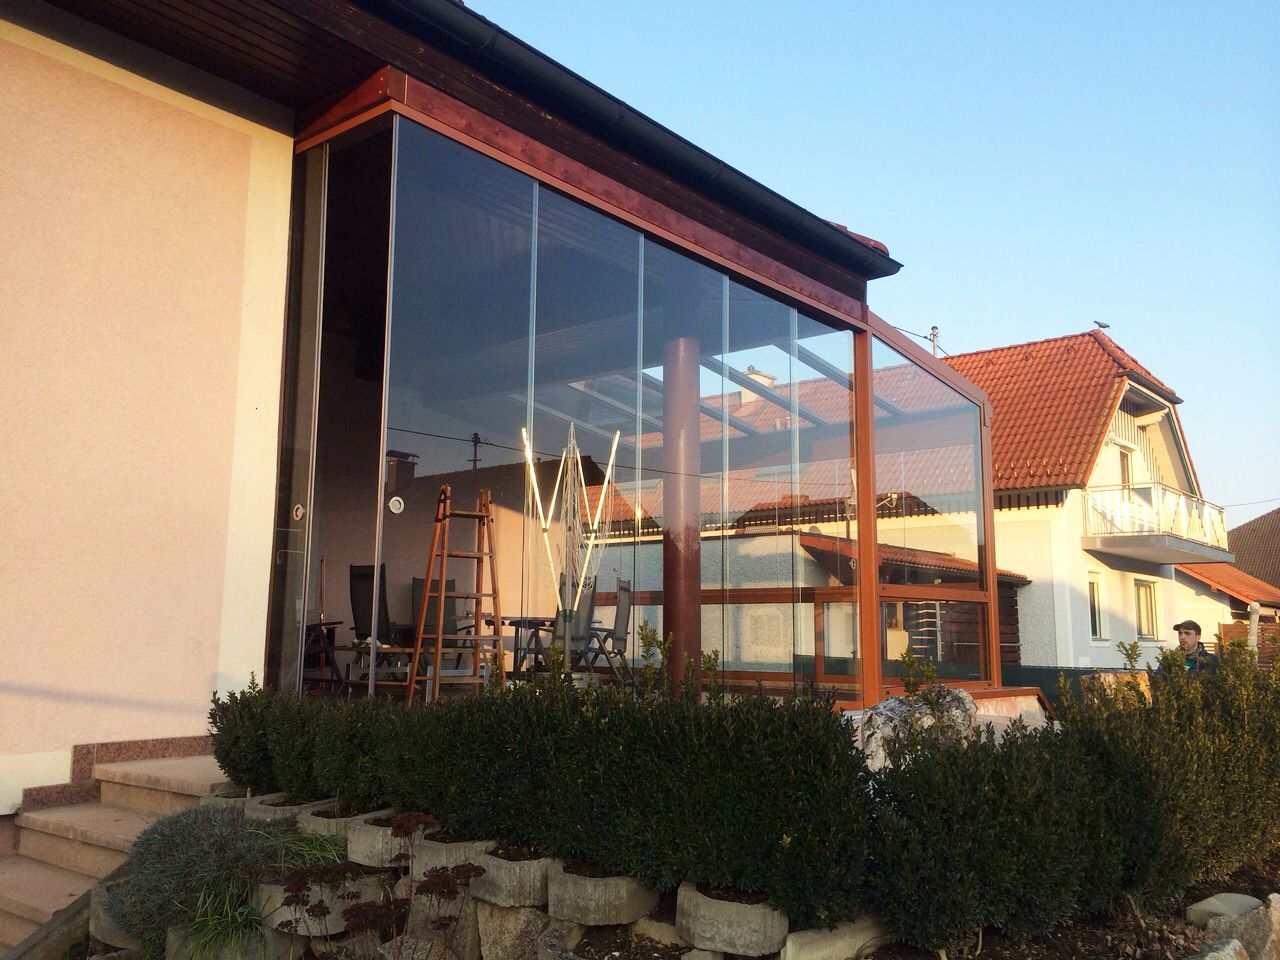 Anbau Ideen ideen für sommergarten aus glas auf terrasse mit rahmenlosen